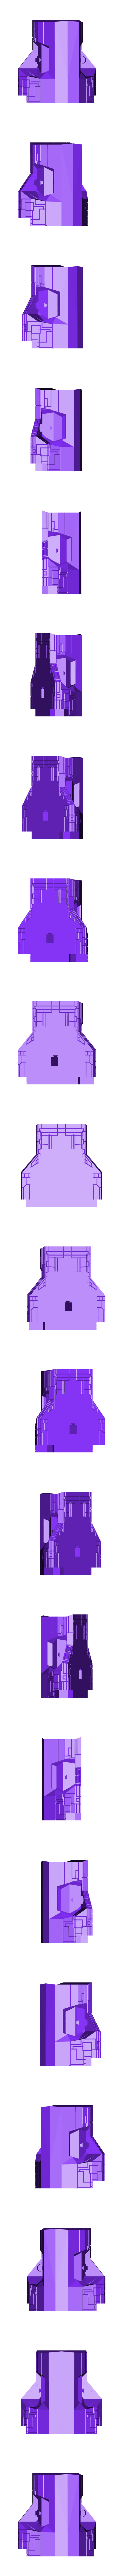 HULL-main2.STL Télécharger fichier STL gratuit Cybran T2 Destroyer - Salem Class • Plan à imprimer en 3D, Steyrc